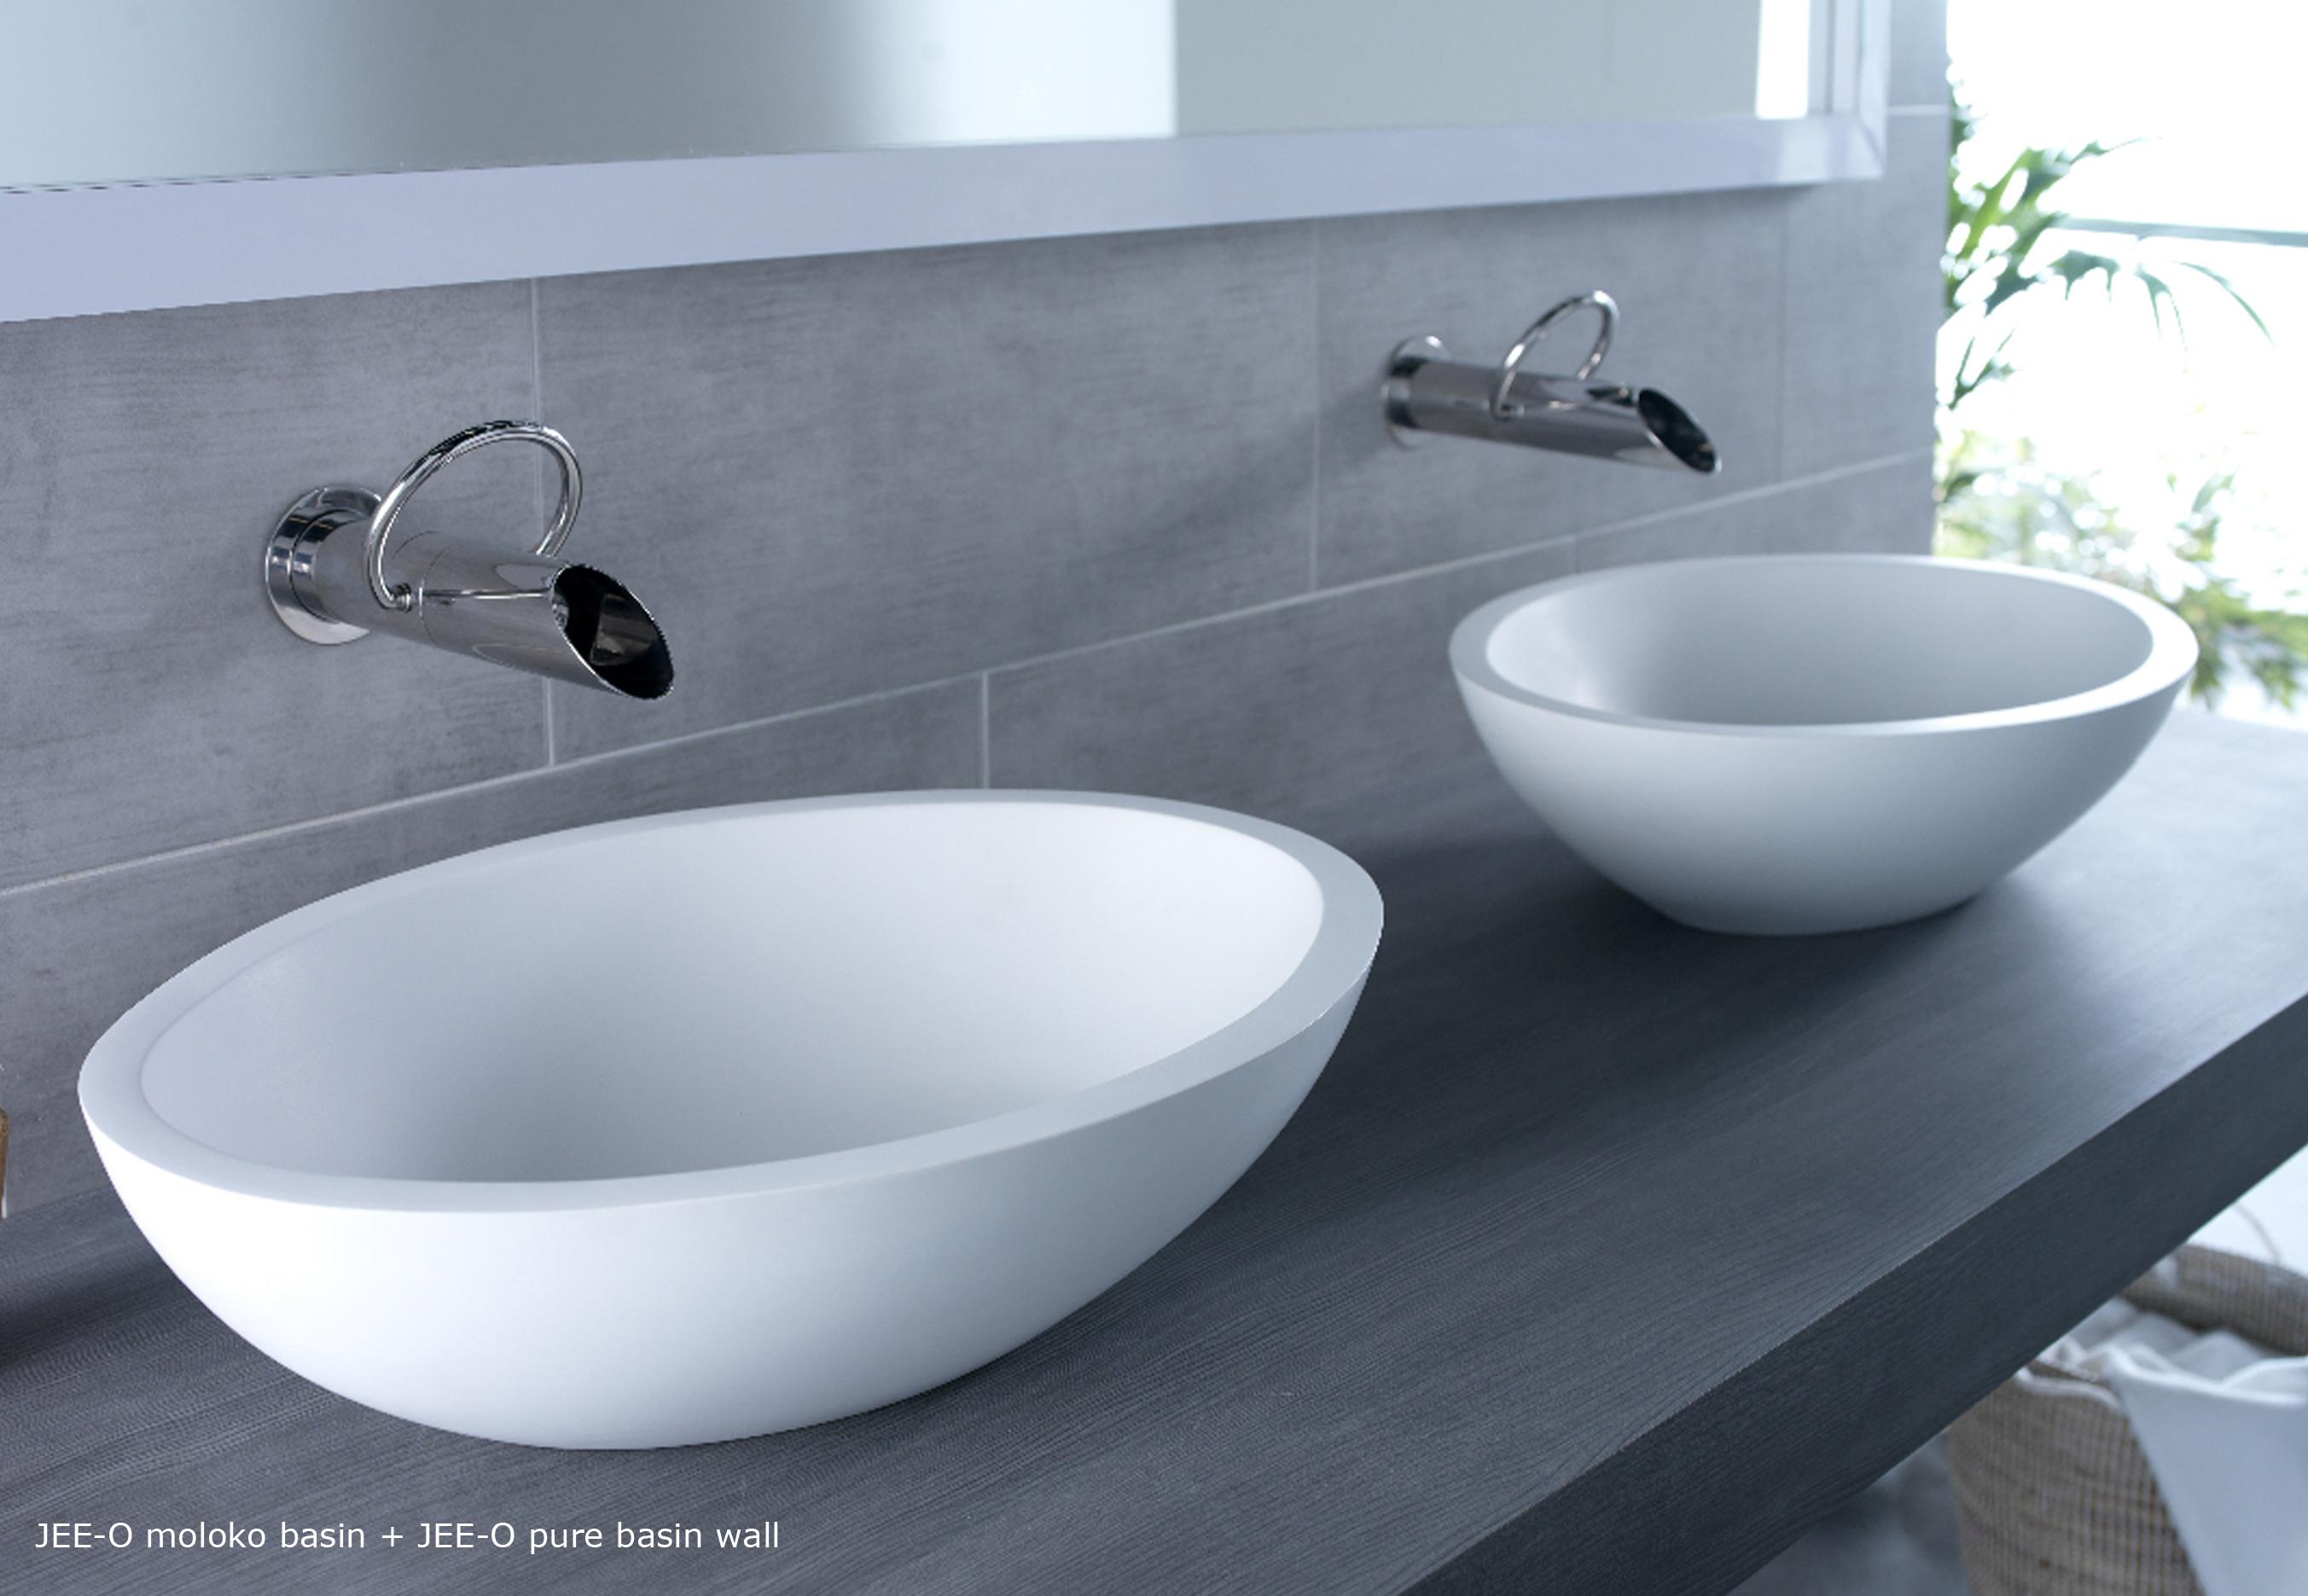 Wastafels Startpagina voor badkamer idee?n  UW badkamer nl